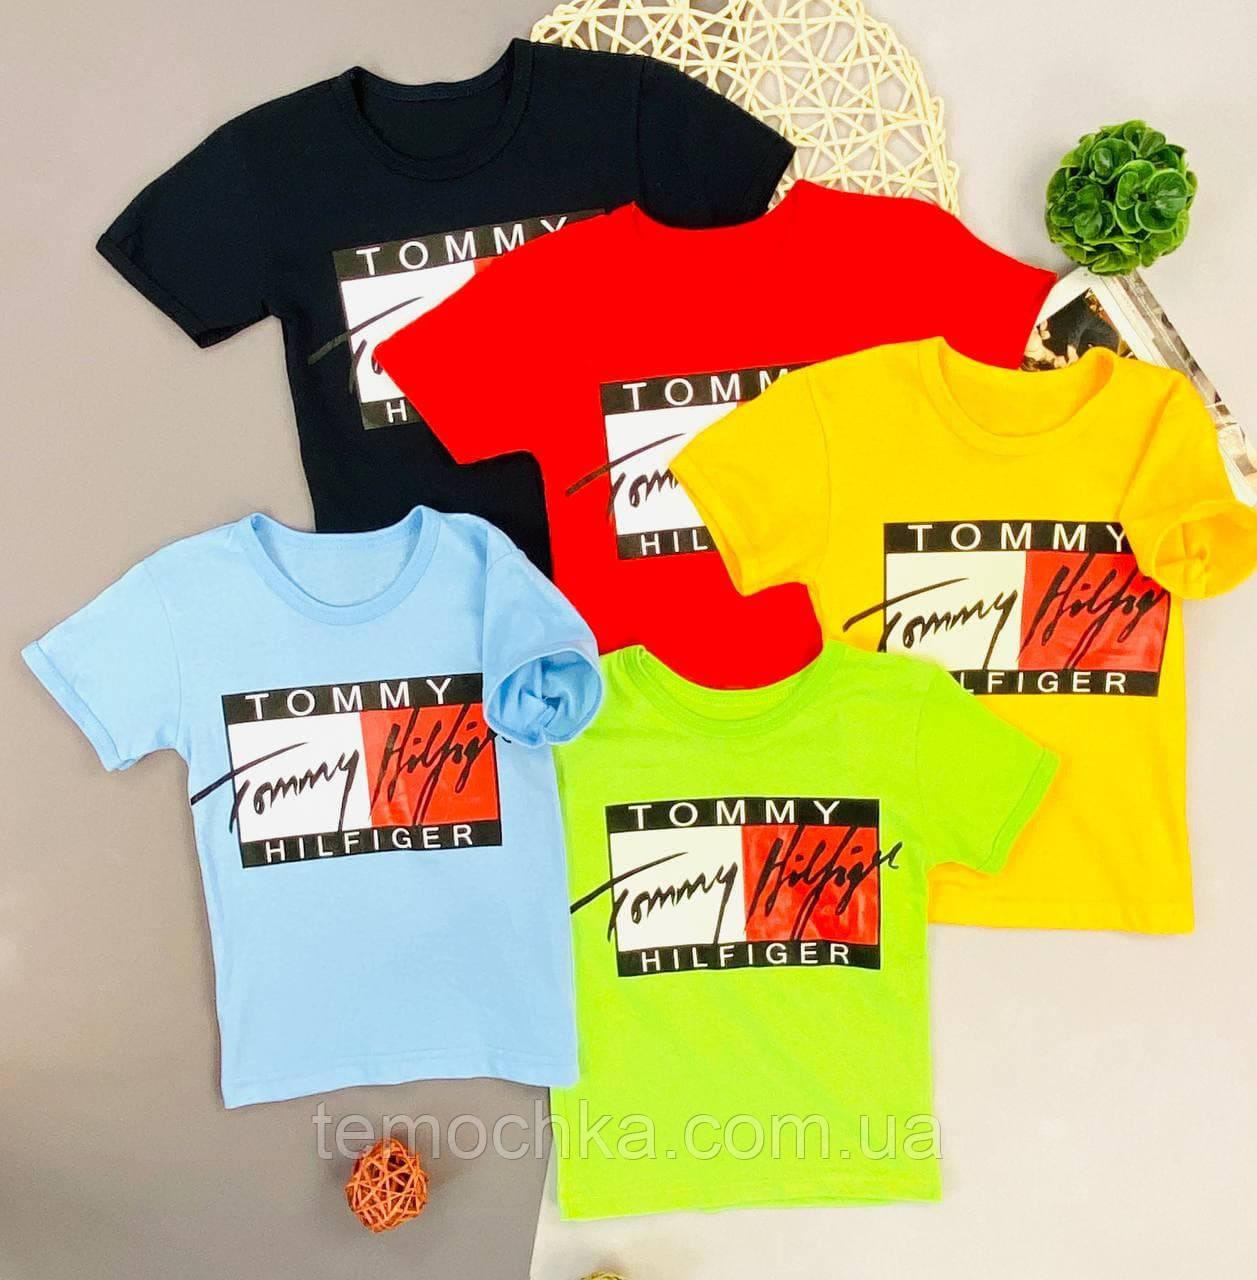 Стильна футболка на літо для хлопчика або дівчинки Томмі Хілфигер